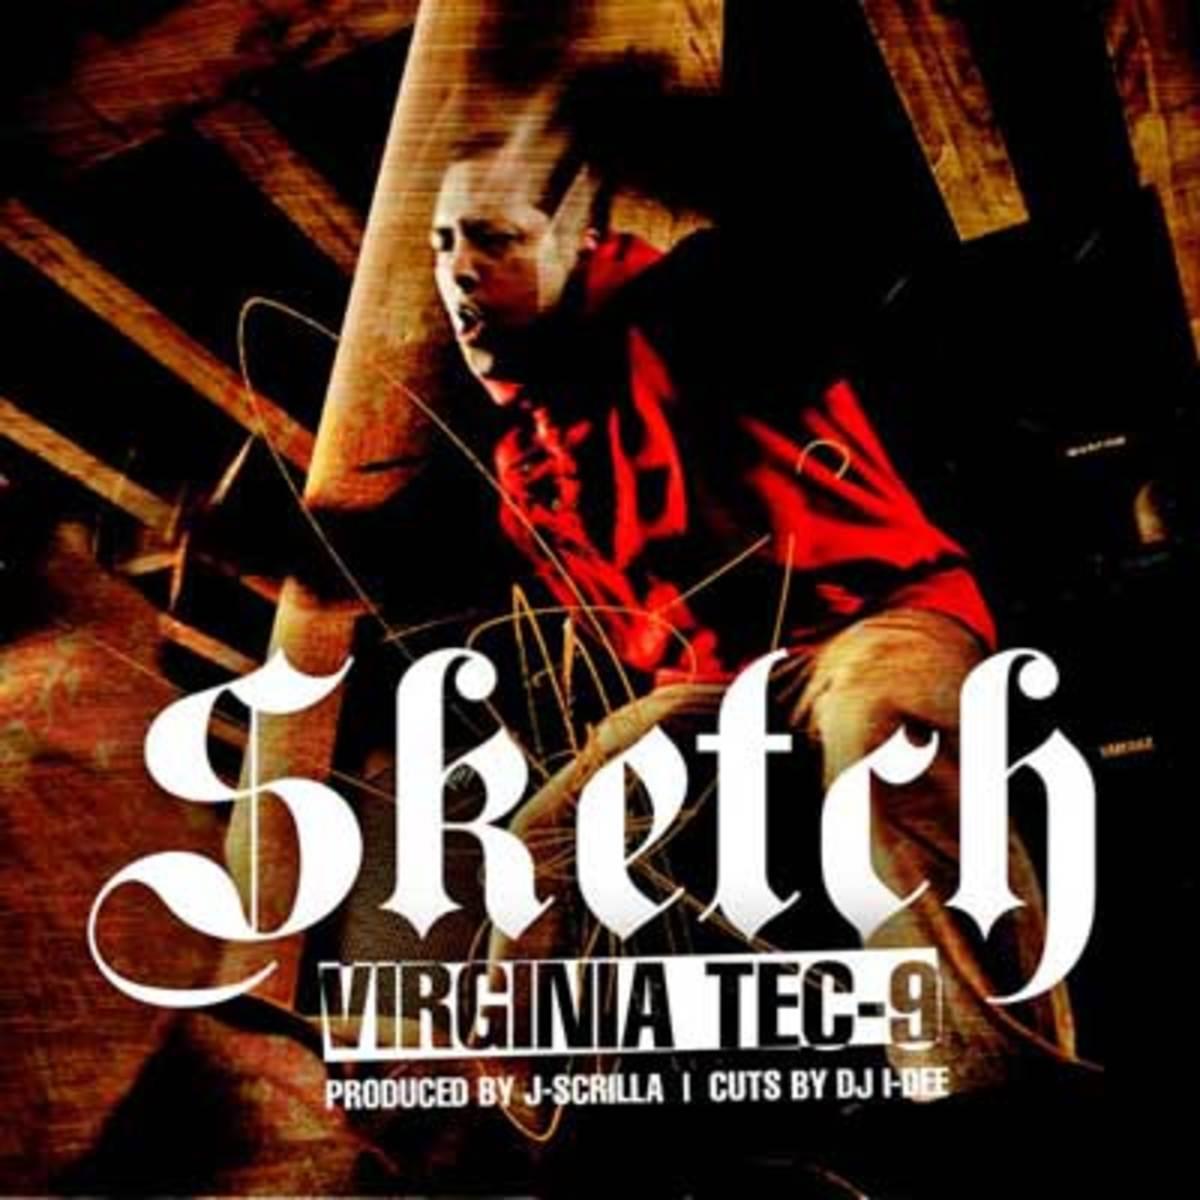 sketch-virginia-tec.jpg